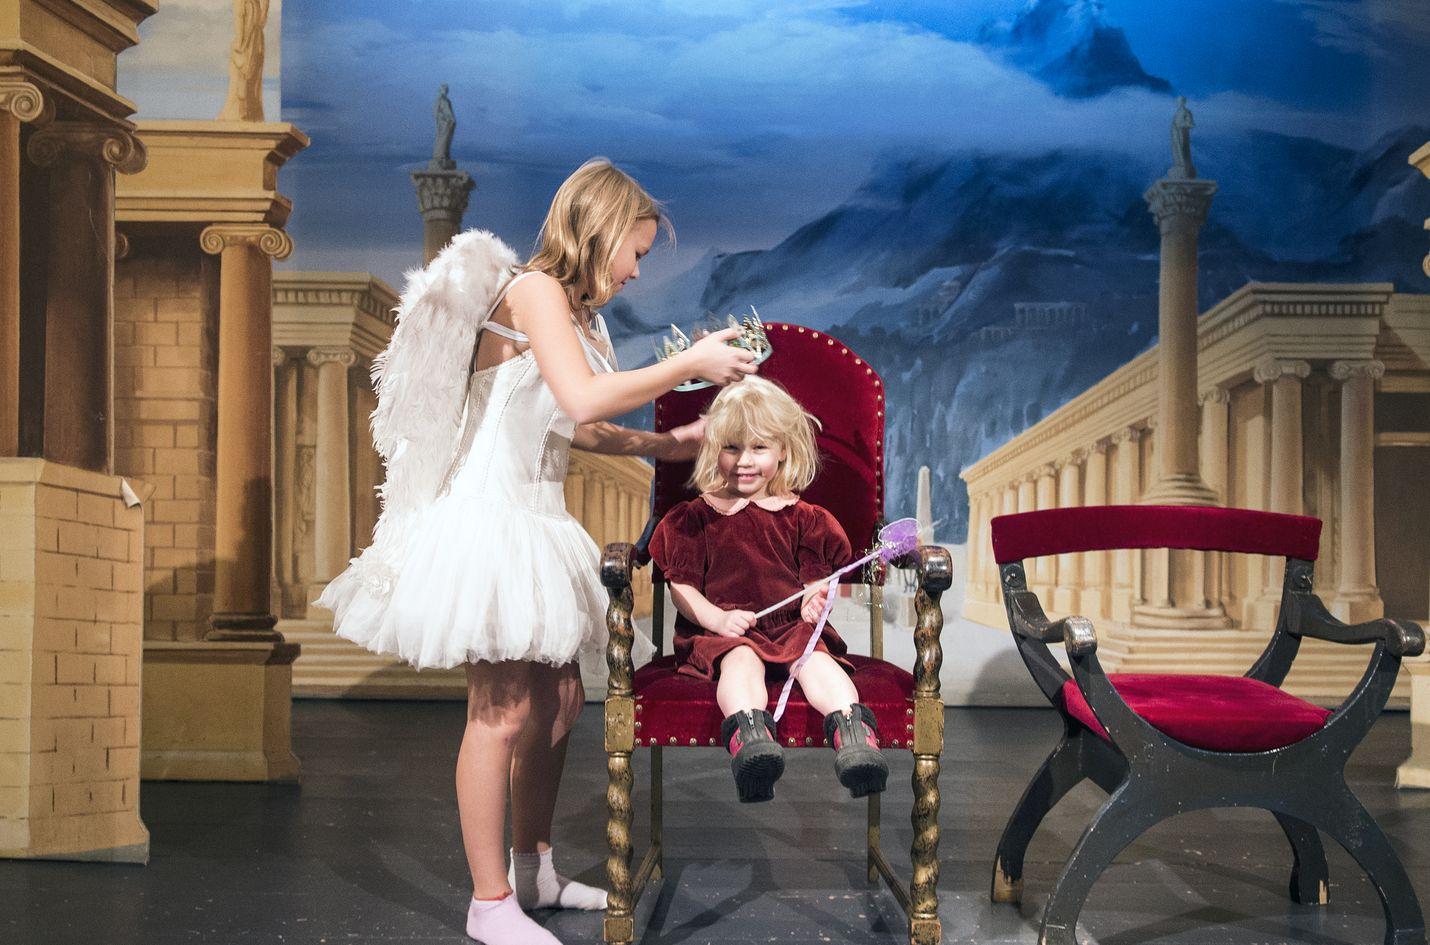 Sienna Rönnblad kokeili Teatterimuseossa, minkälaista olisi olla enkelisiipinen ballerina. Iiris Nyrönen nautti prinsessan roolista.